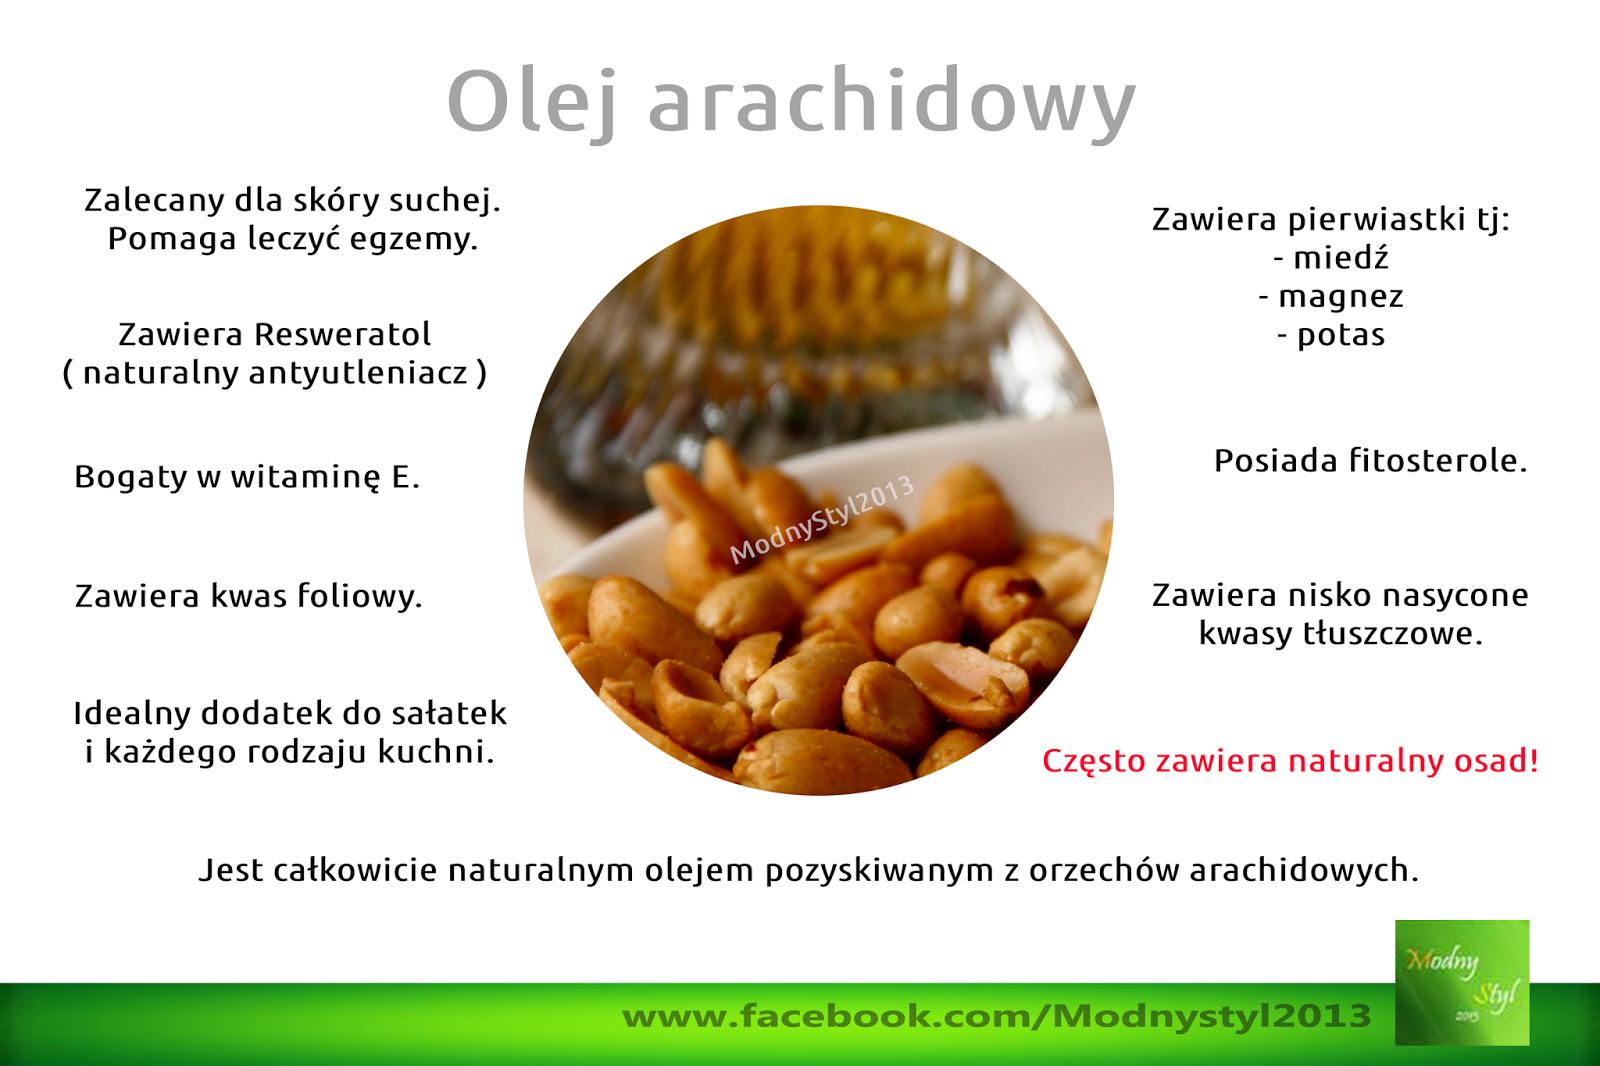 Olej arachidowy